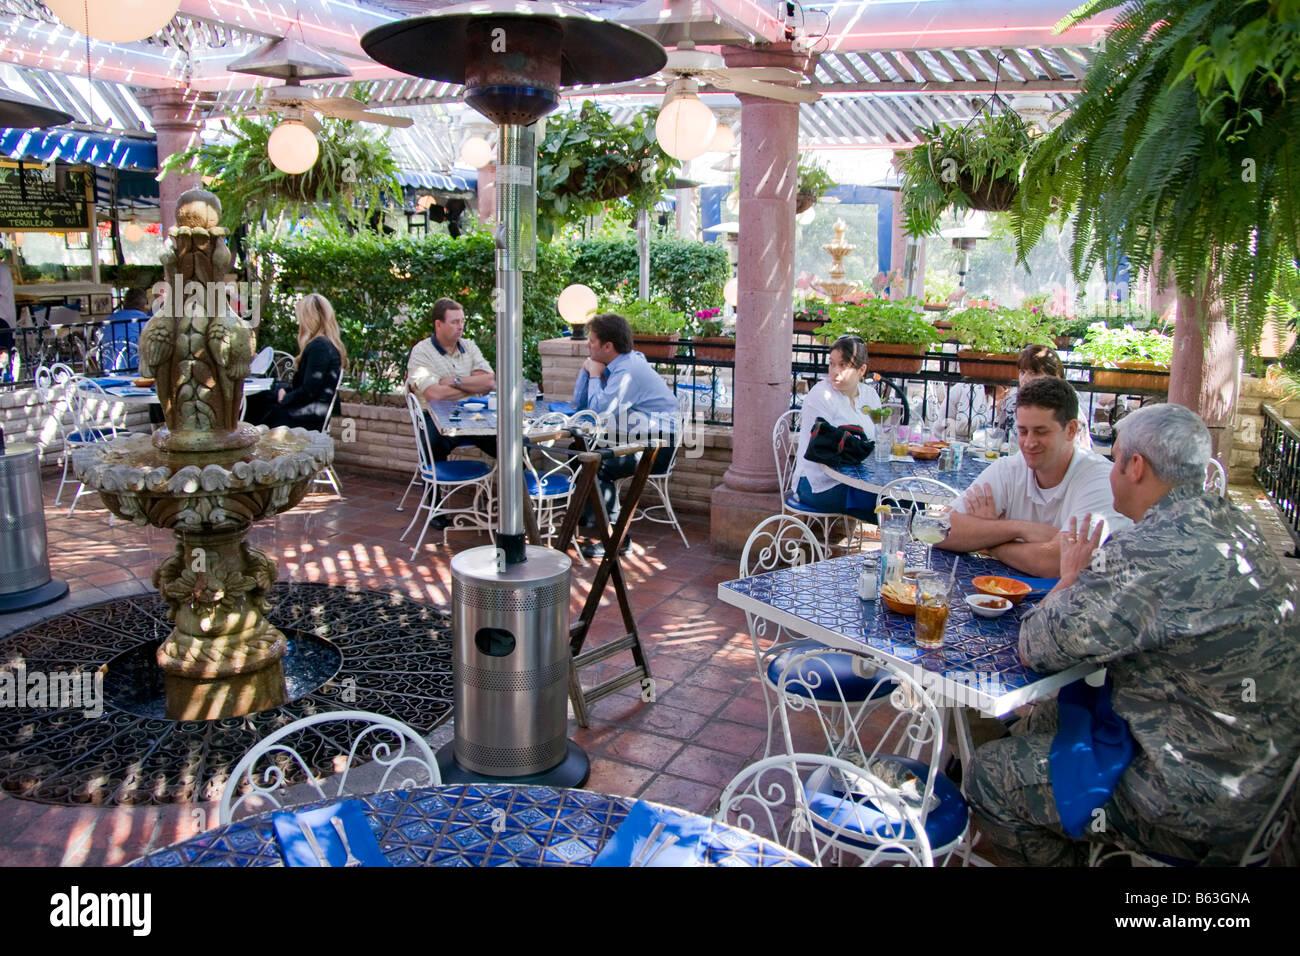 San Antonio S La Fogata Mexican Restaurant Features Outdoor Dining